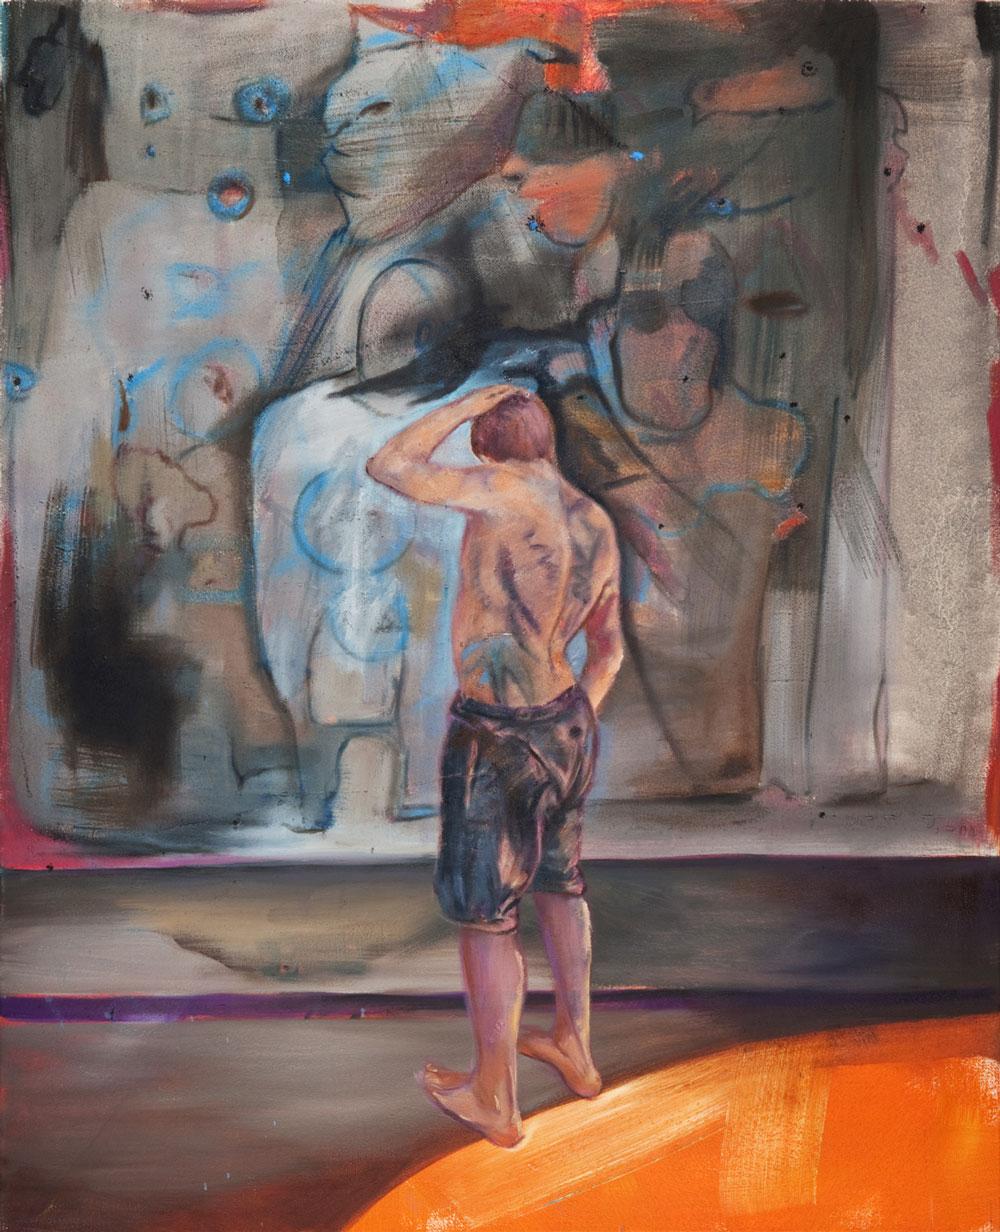 Mann mit nacktem tätowierten Oberkörper steht vor bemalter Wand und hält sich den Kopf